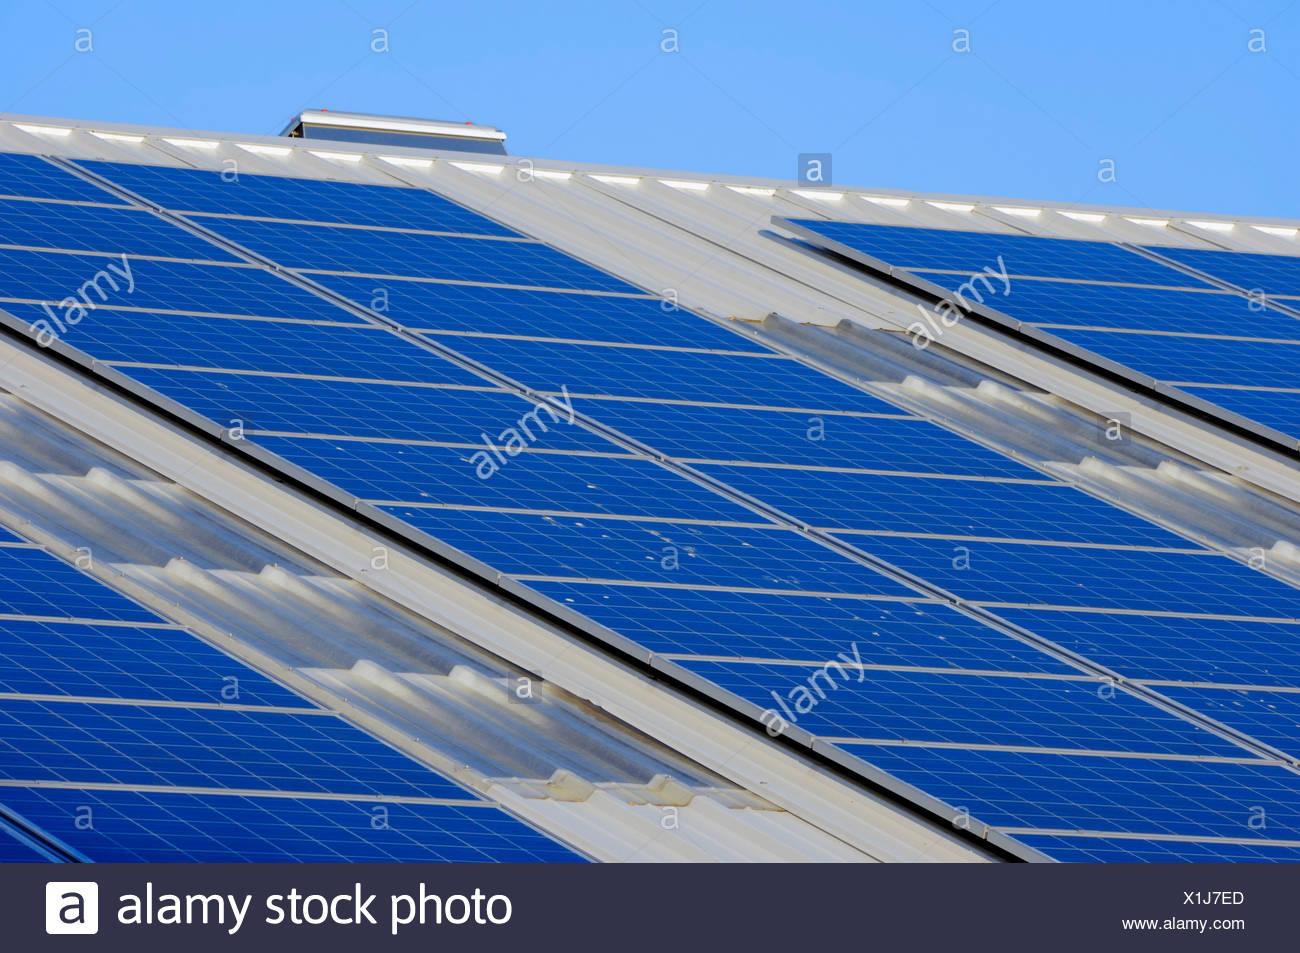 Photovoltaik-Anlage, Solarzellen, Sonnenkollektoren auf dem Dach eines Unternehmens, North Rhine-Westphalia, PublicGround Stockbild